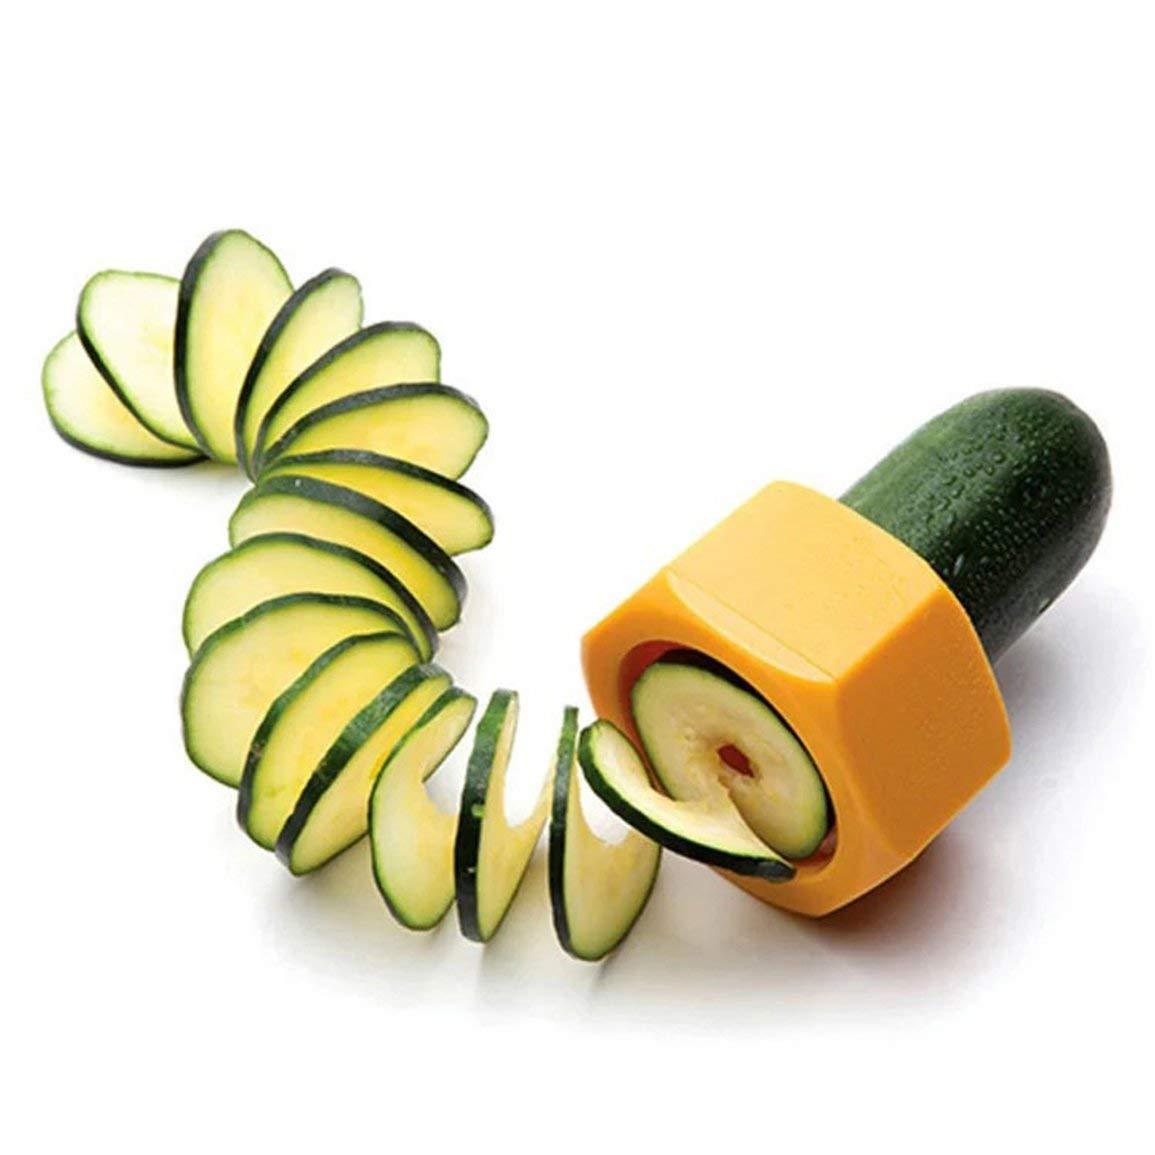 Neue Originalität Kochen Werkzeuge Küche Zubehör Zubehör Obstschäler Gemüse Gurke Spirale Gemüseschneider JBP-X